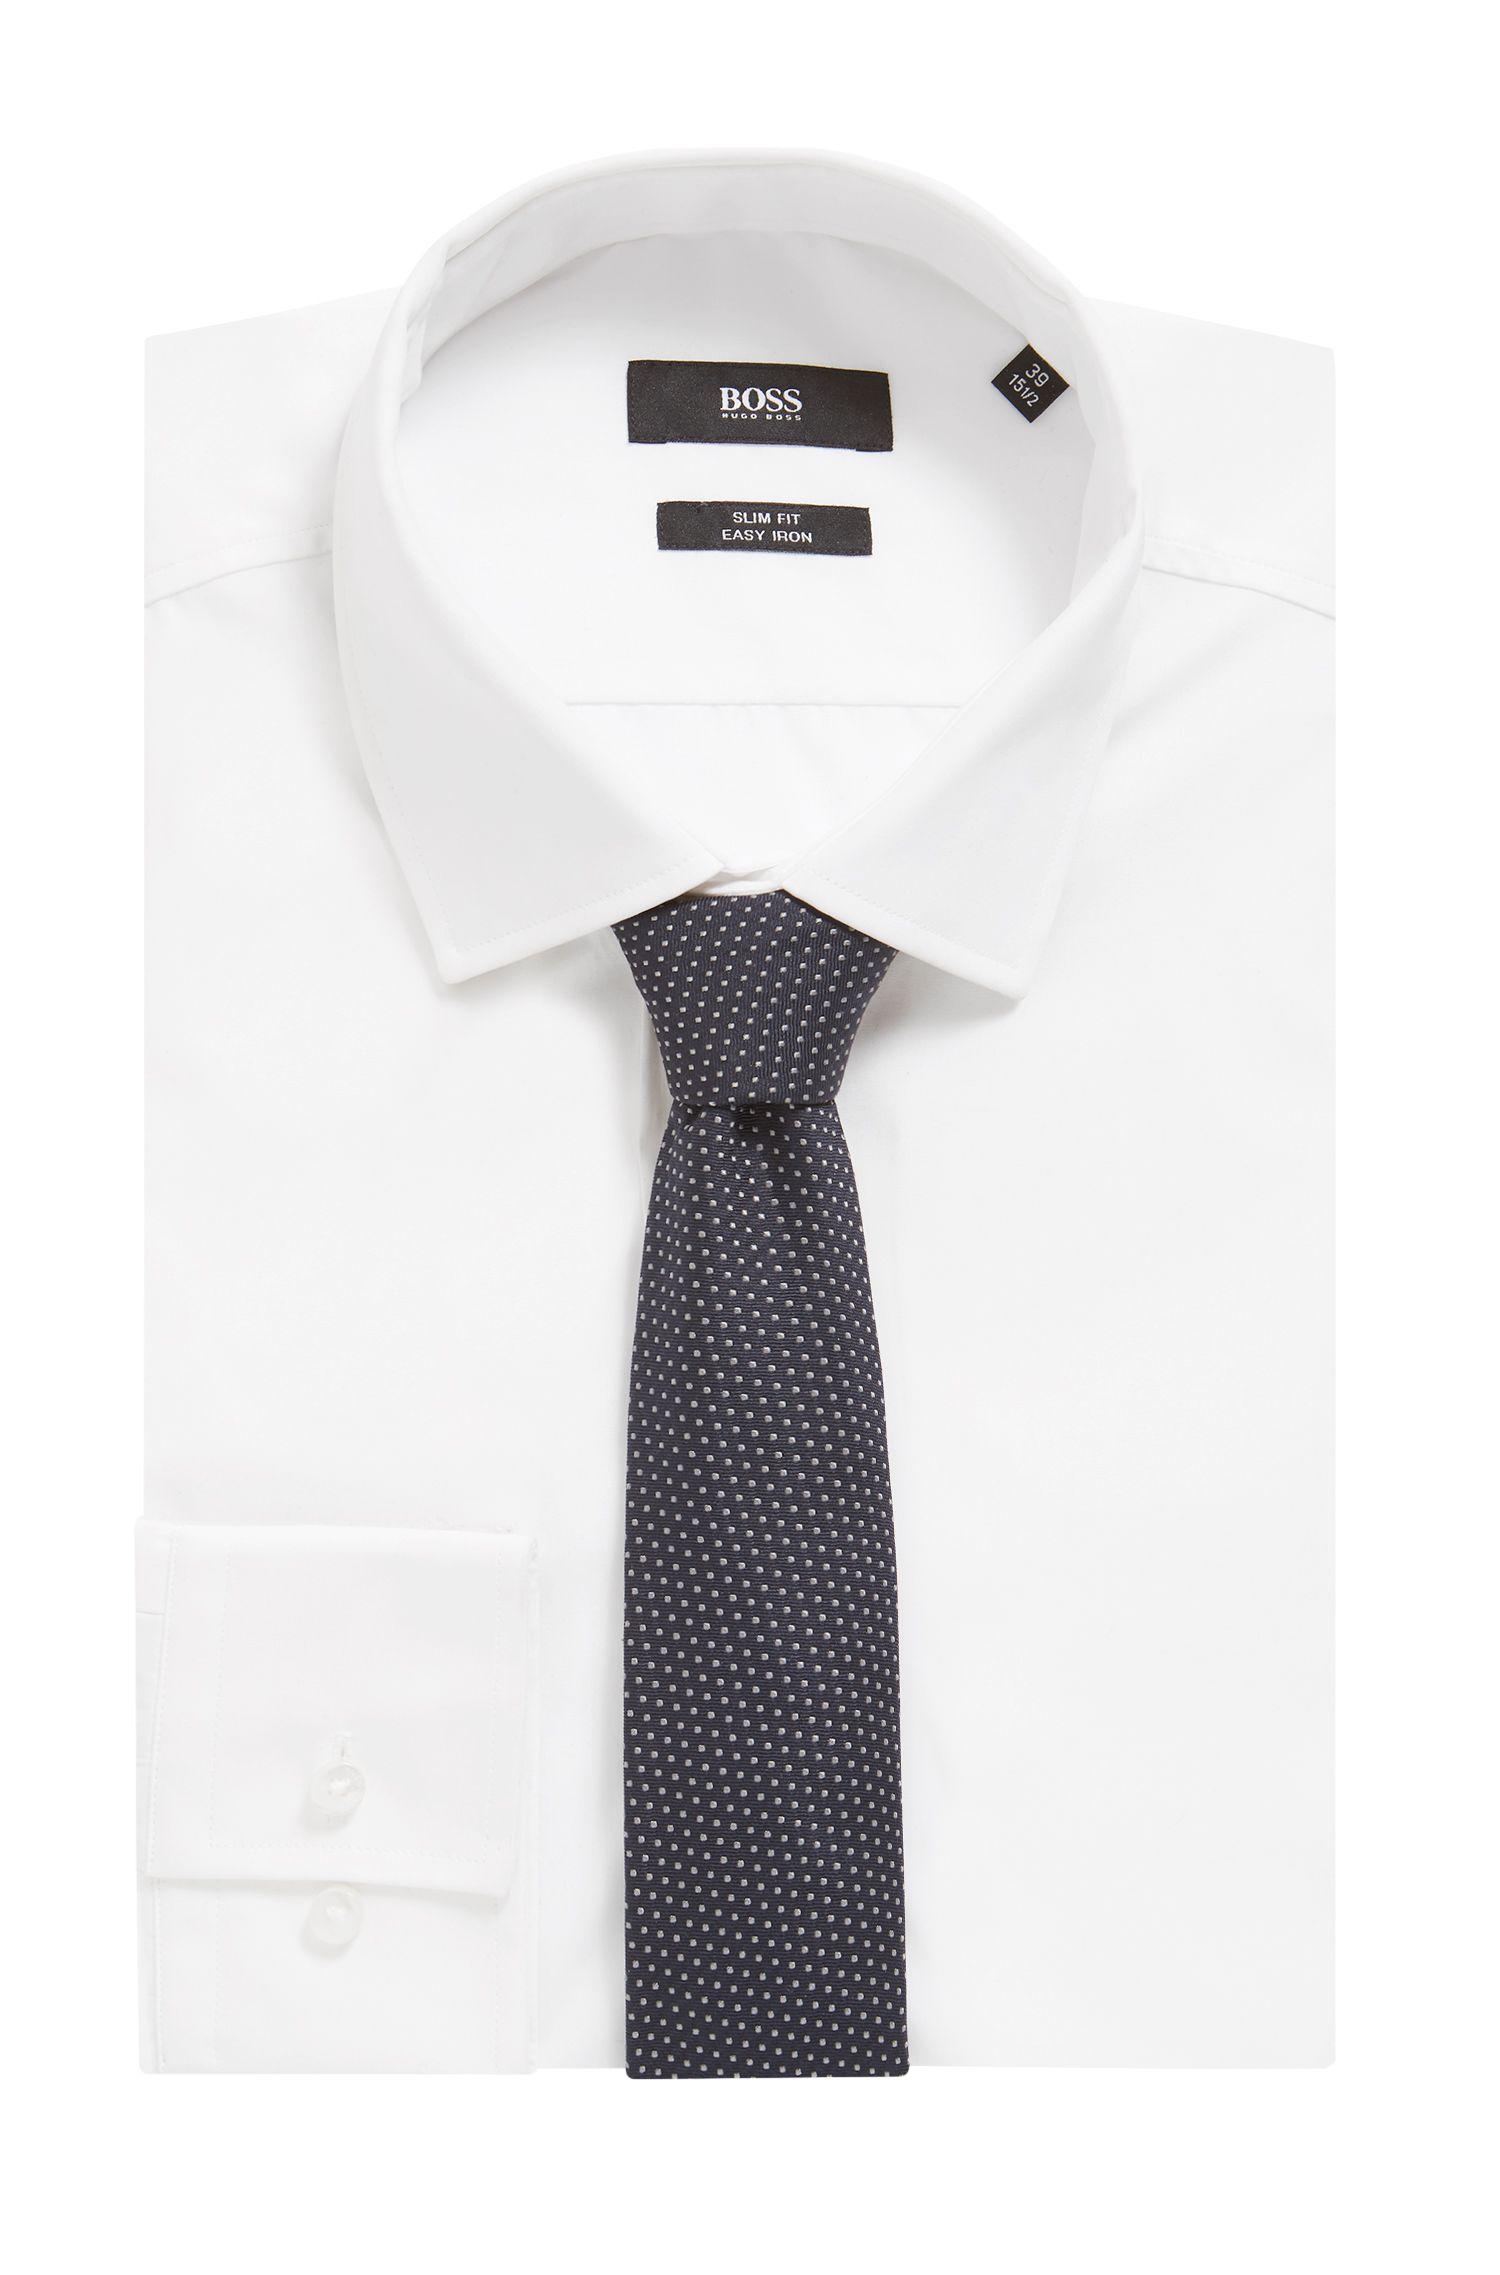 Cravatta in seta jacquard con micropois realizzata in Italia, Celeste